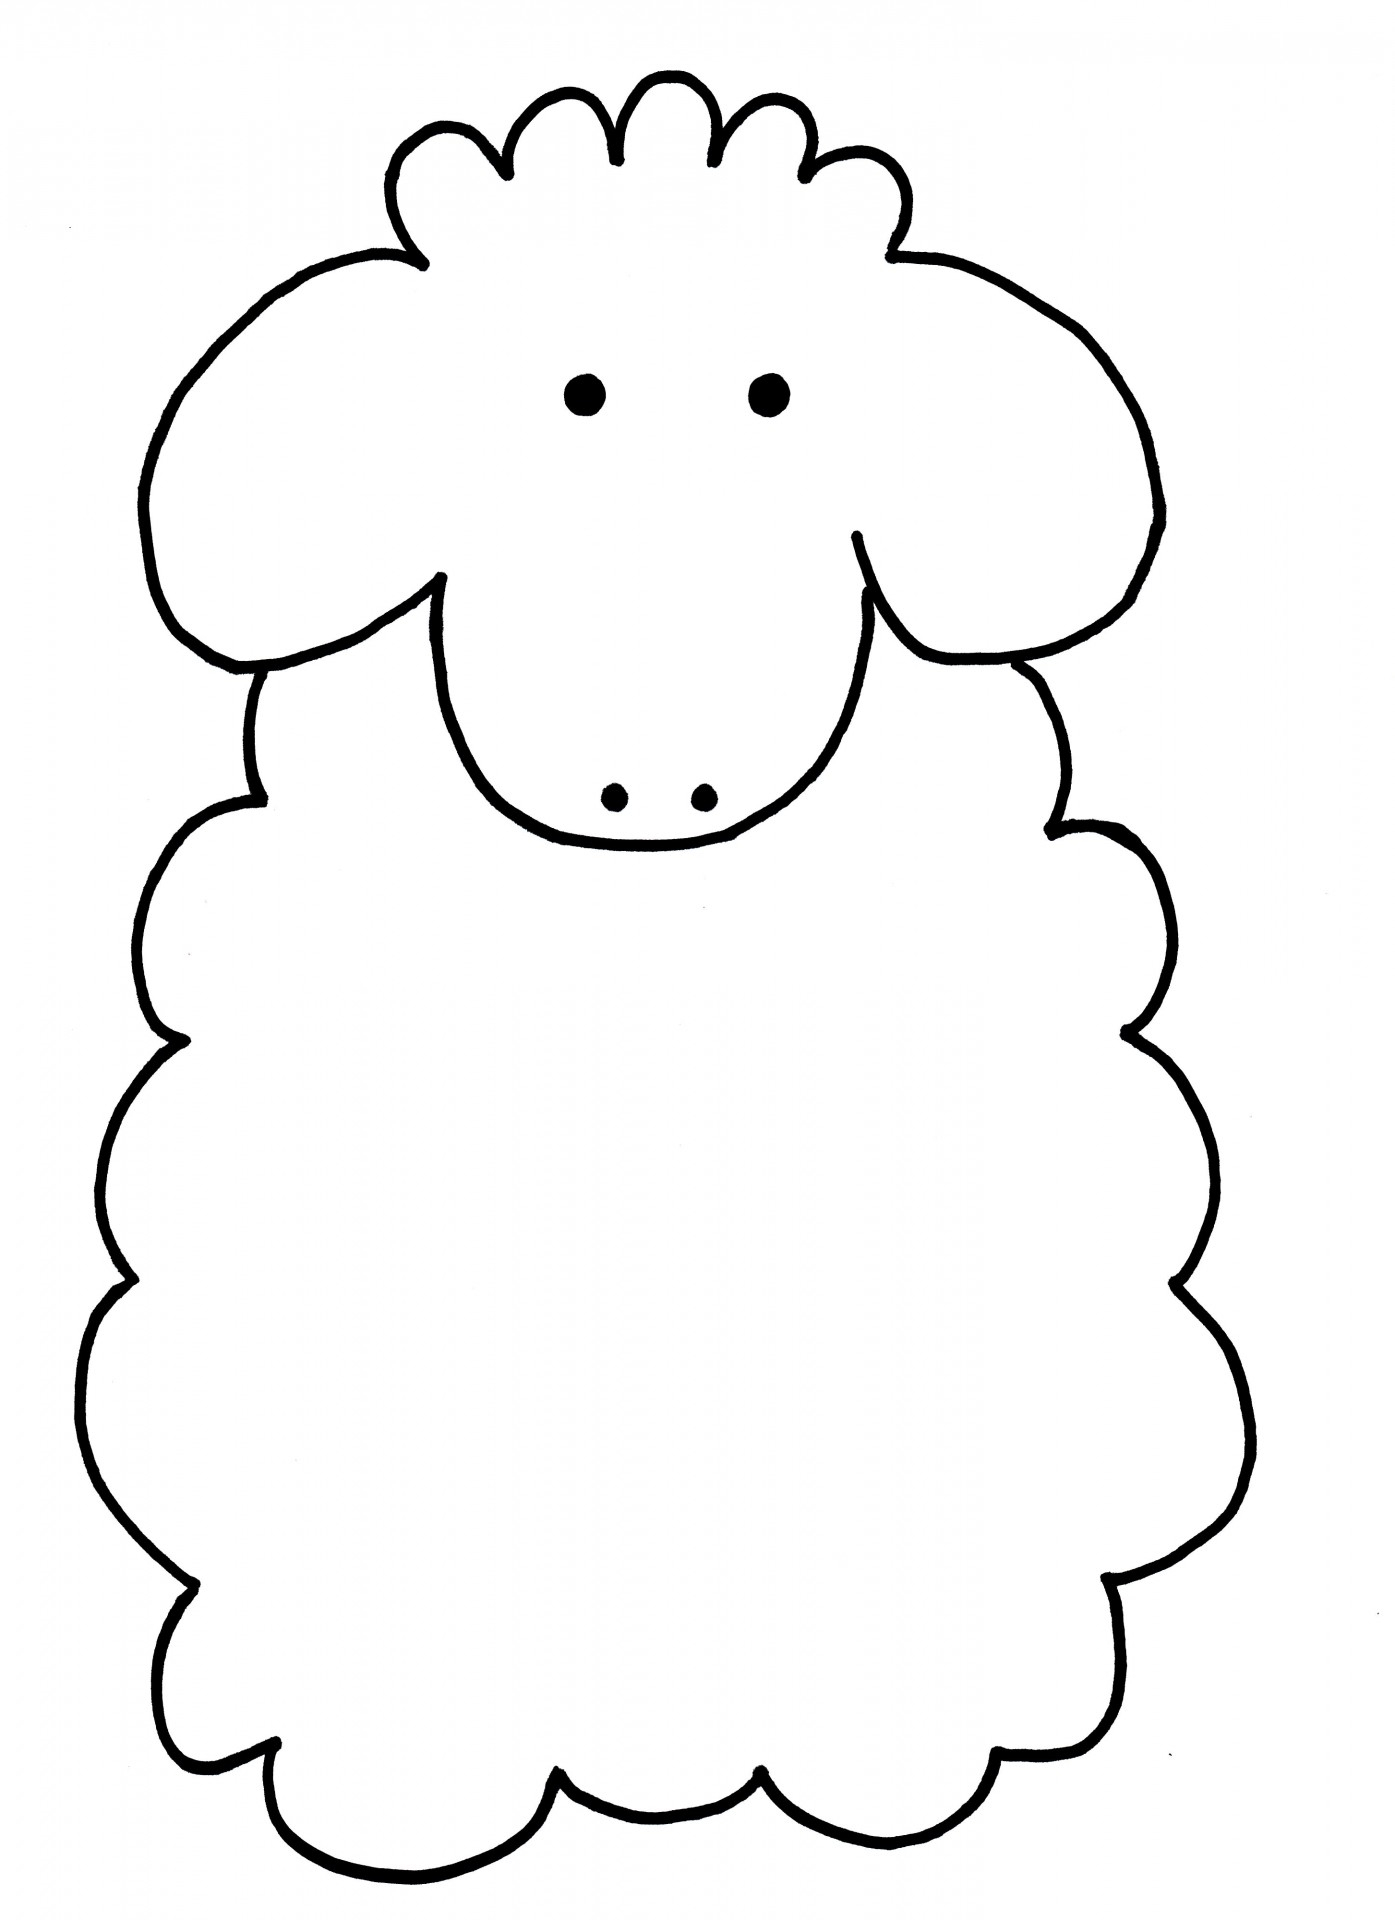 Schafe Zum Ausmalen – Schafsnase für Schaf Malvorlage